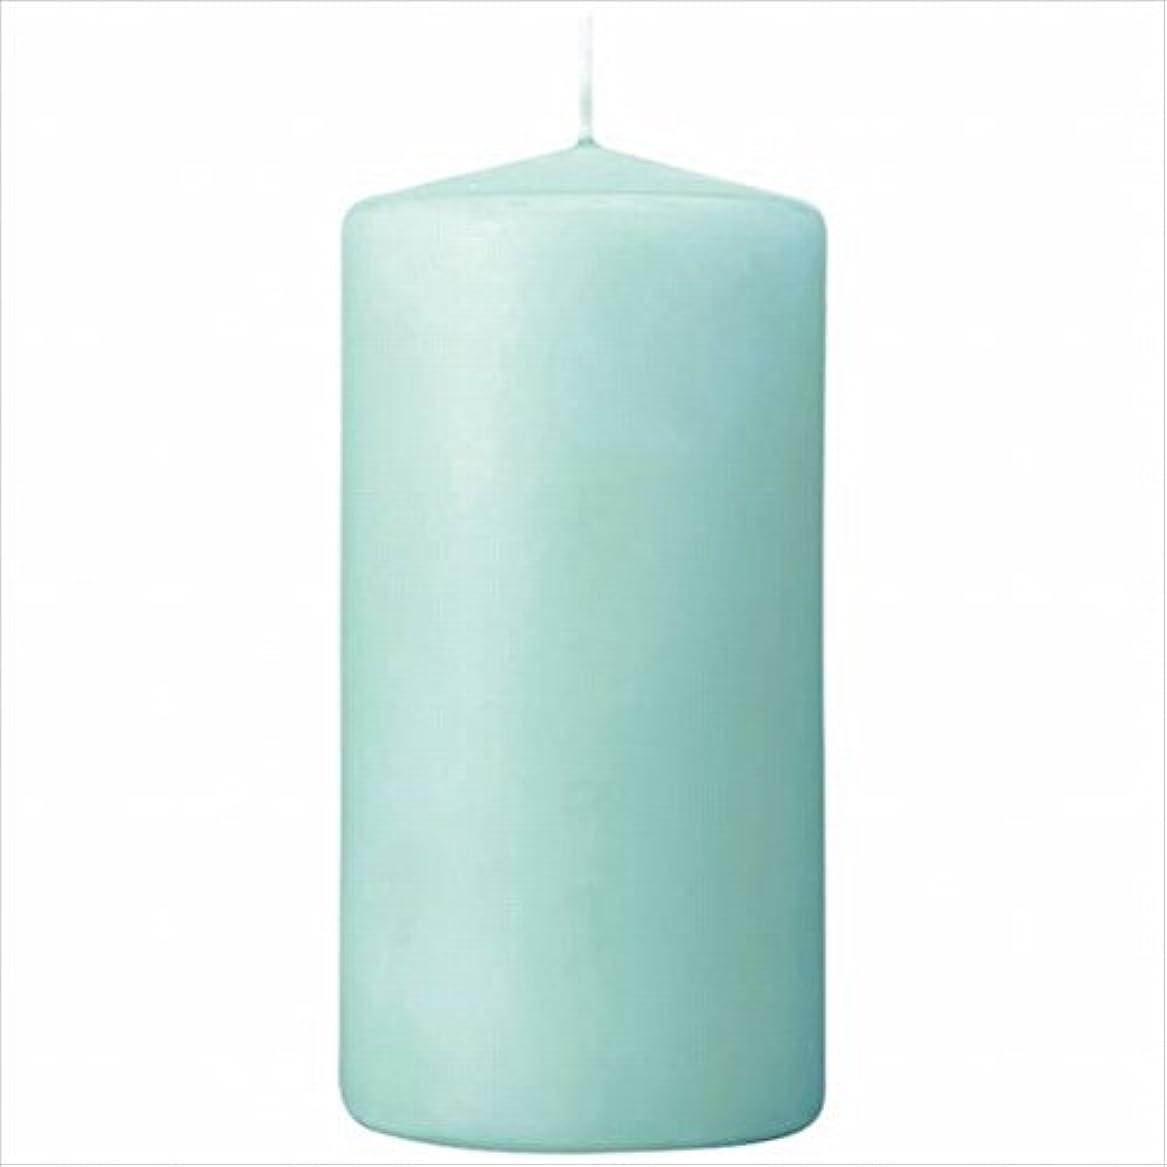 悲観的海里合意カメヤマキャンドル(kameyama candle) 3×6ベルトップピラーキャンドル 「 ライトブルー 」